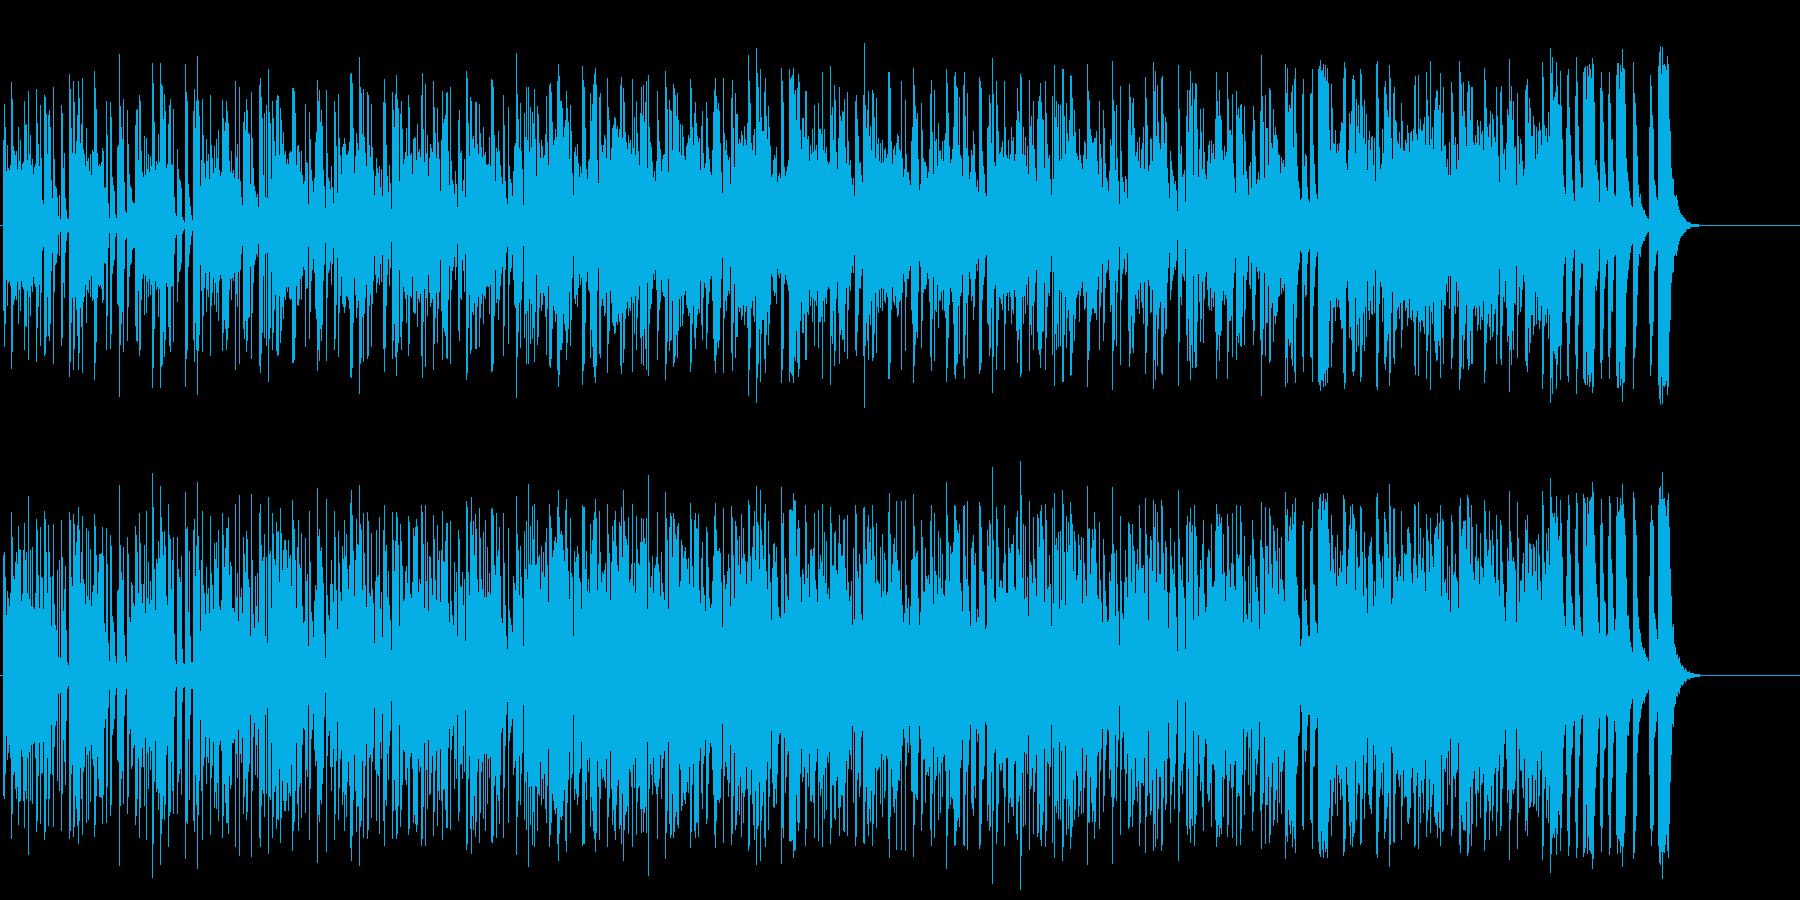 ロボットが動き回るとぼけたテクノポップの再生済みの波形